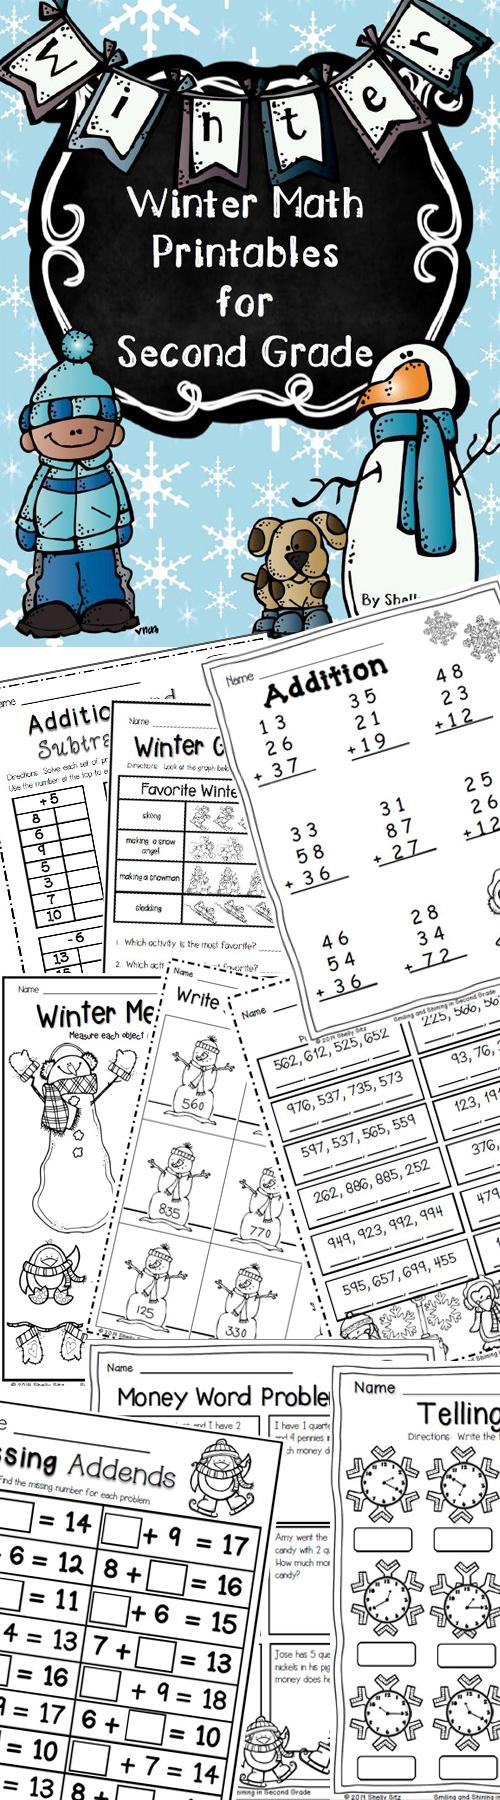 Winter Math Printables | Homeschooling | Pinterest | Math, 2nd grade